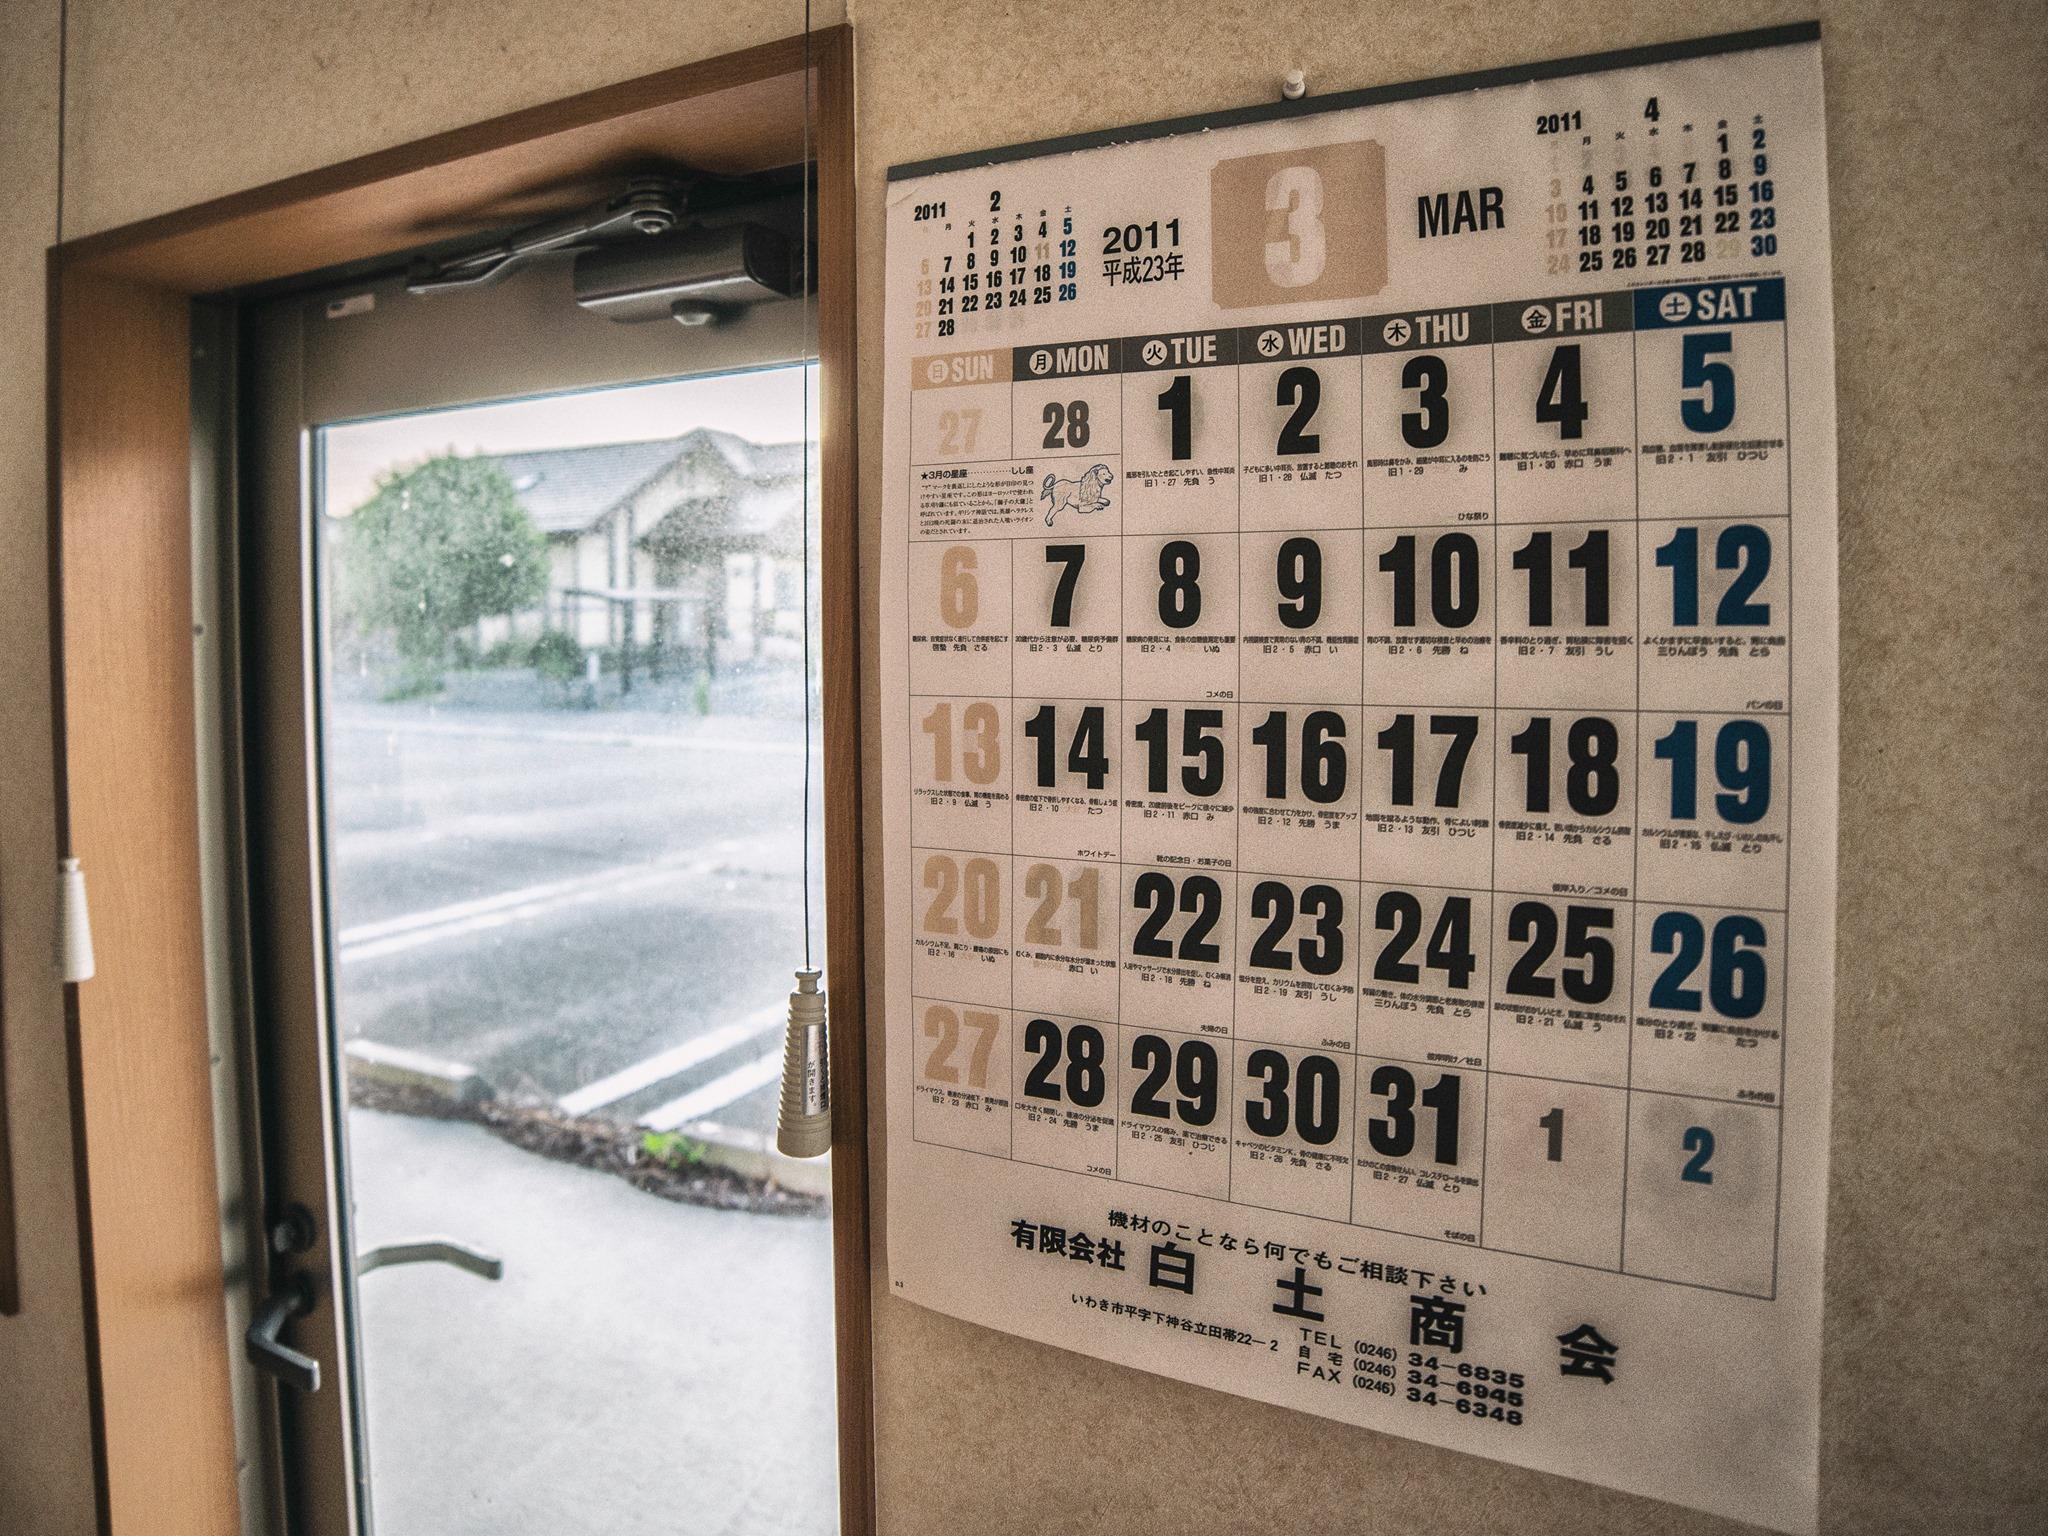 como es fukushima 5 años después del desastre 8